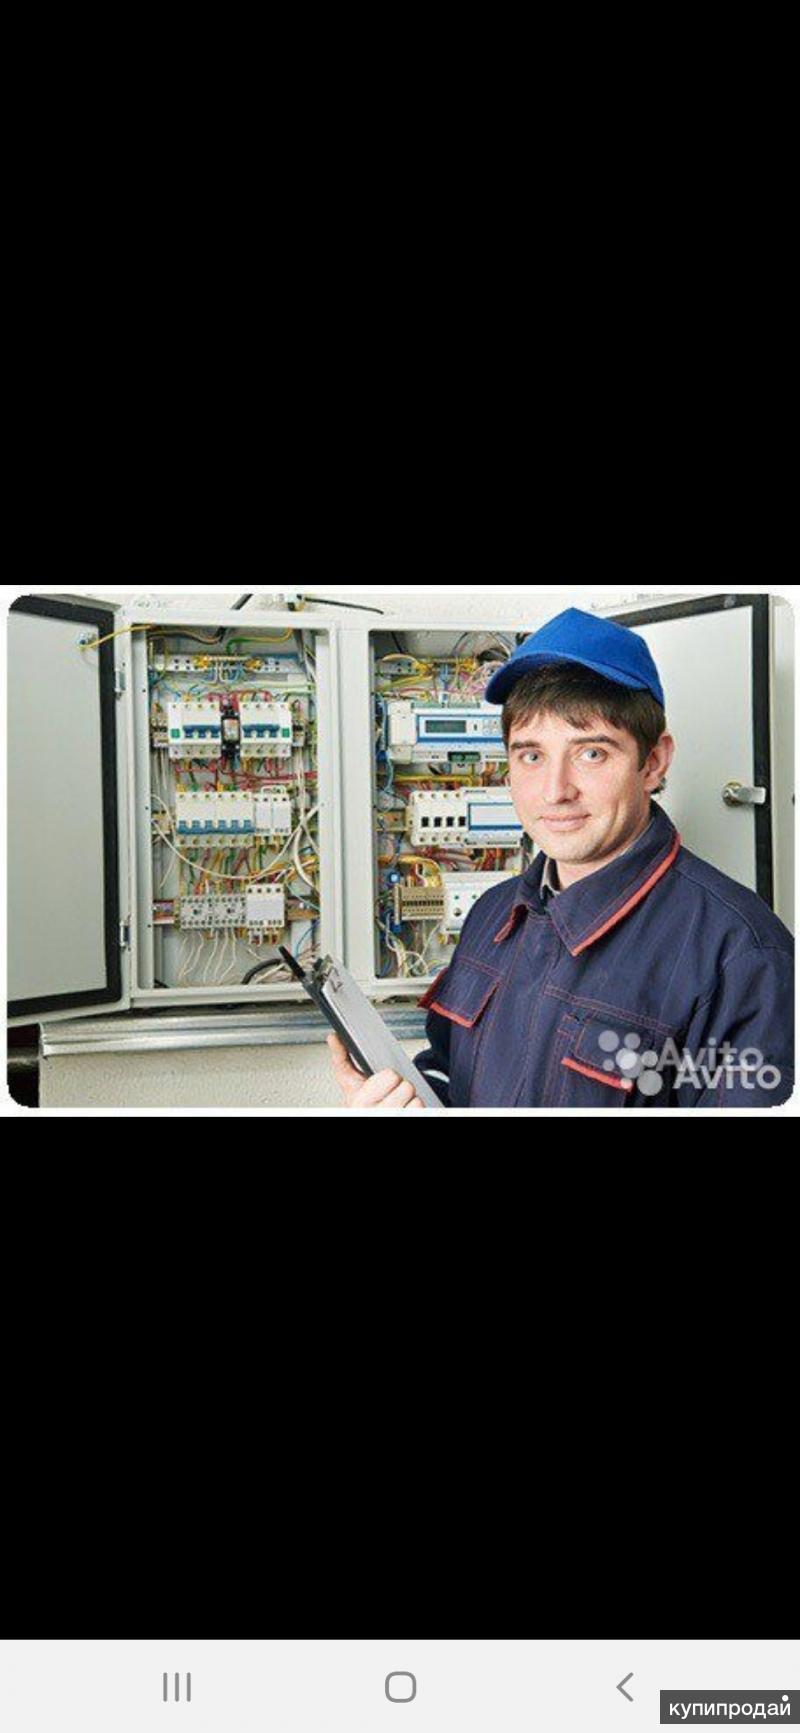 Услуги электрика (Не Дорого и Качественно)